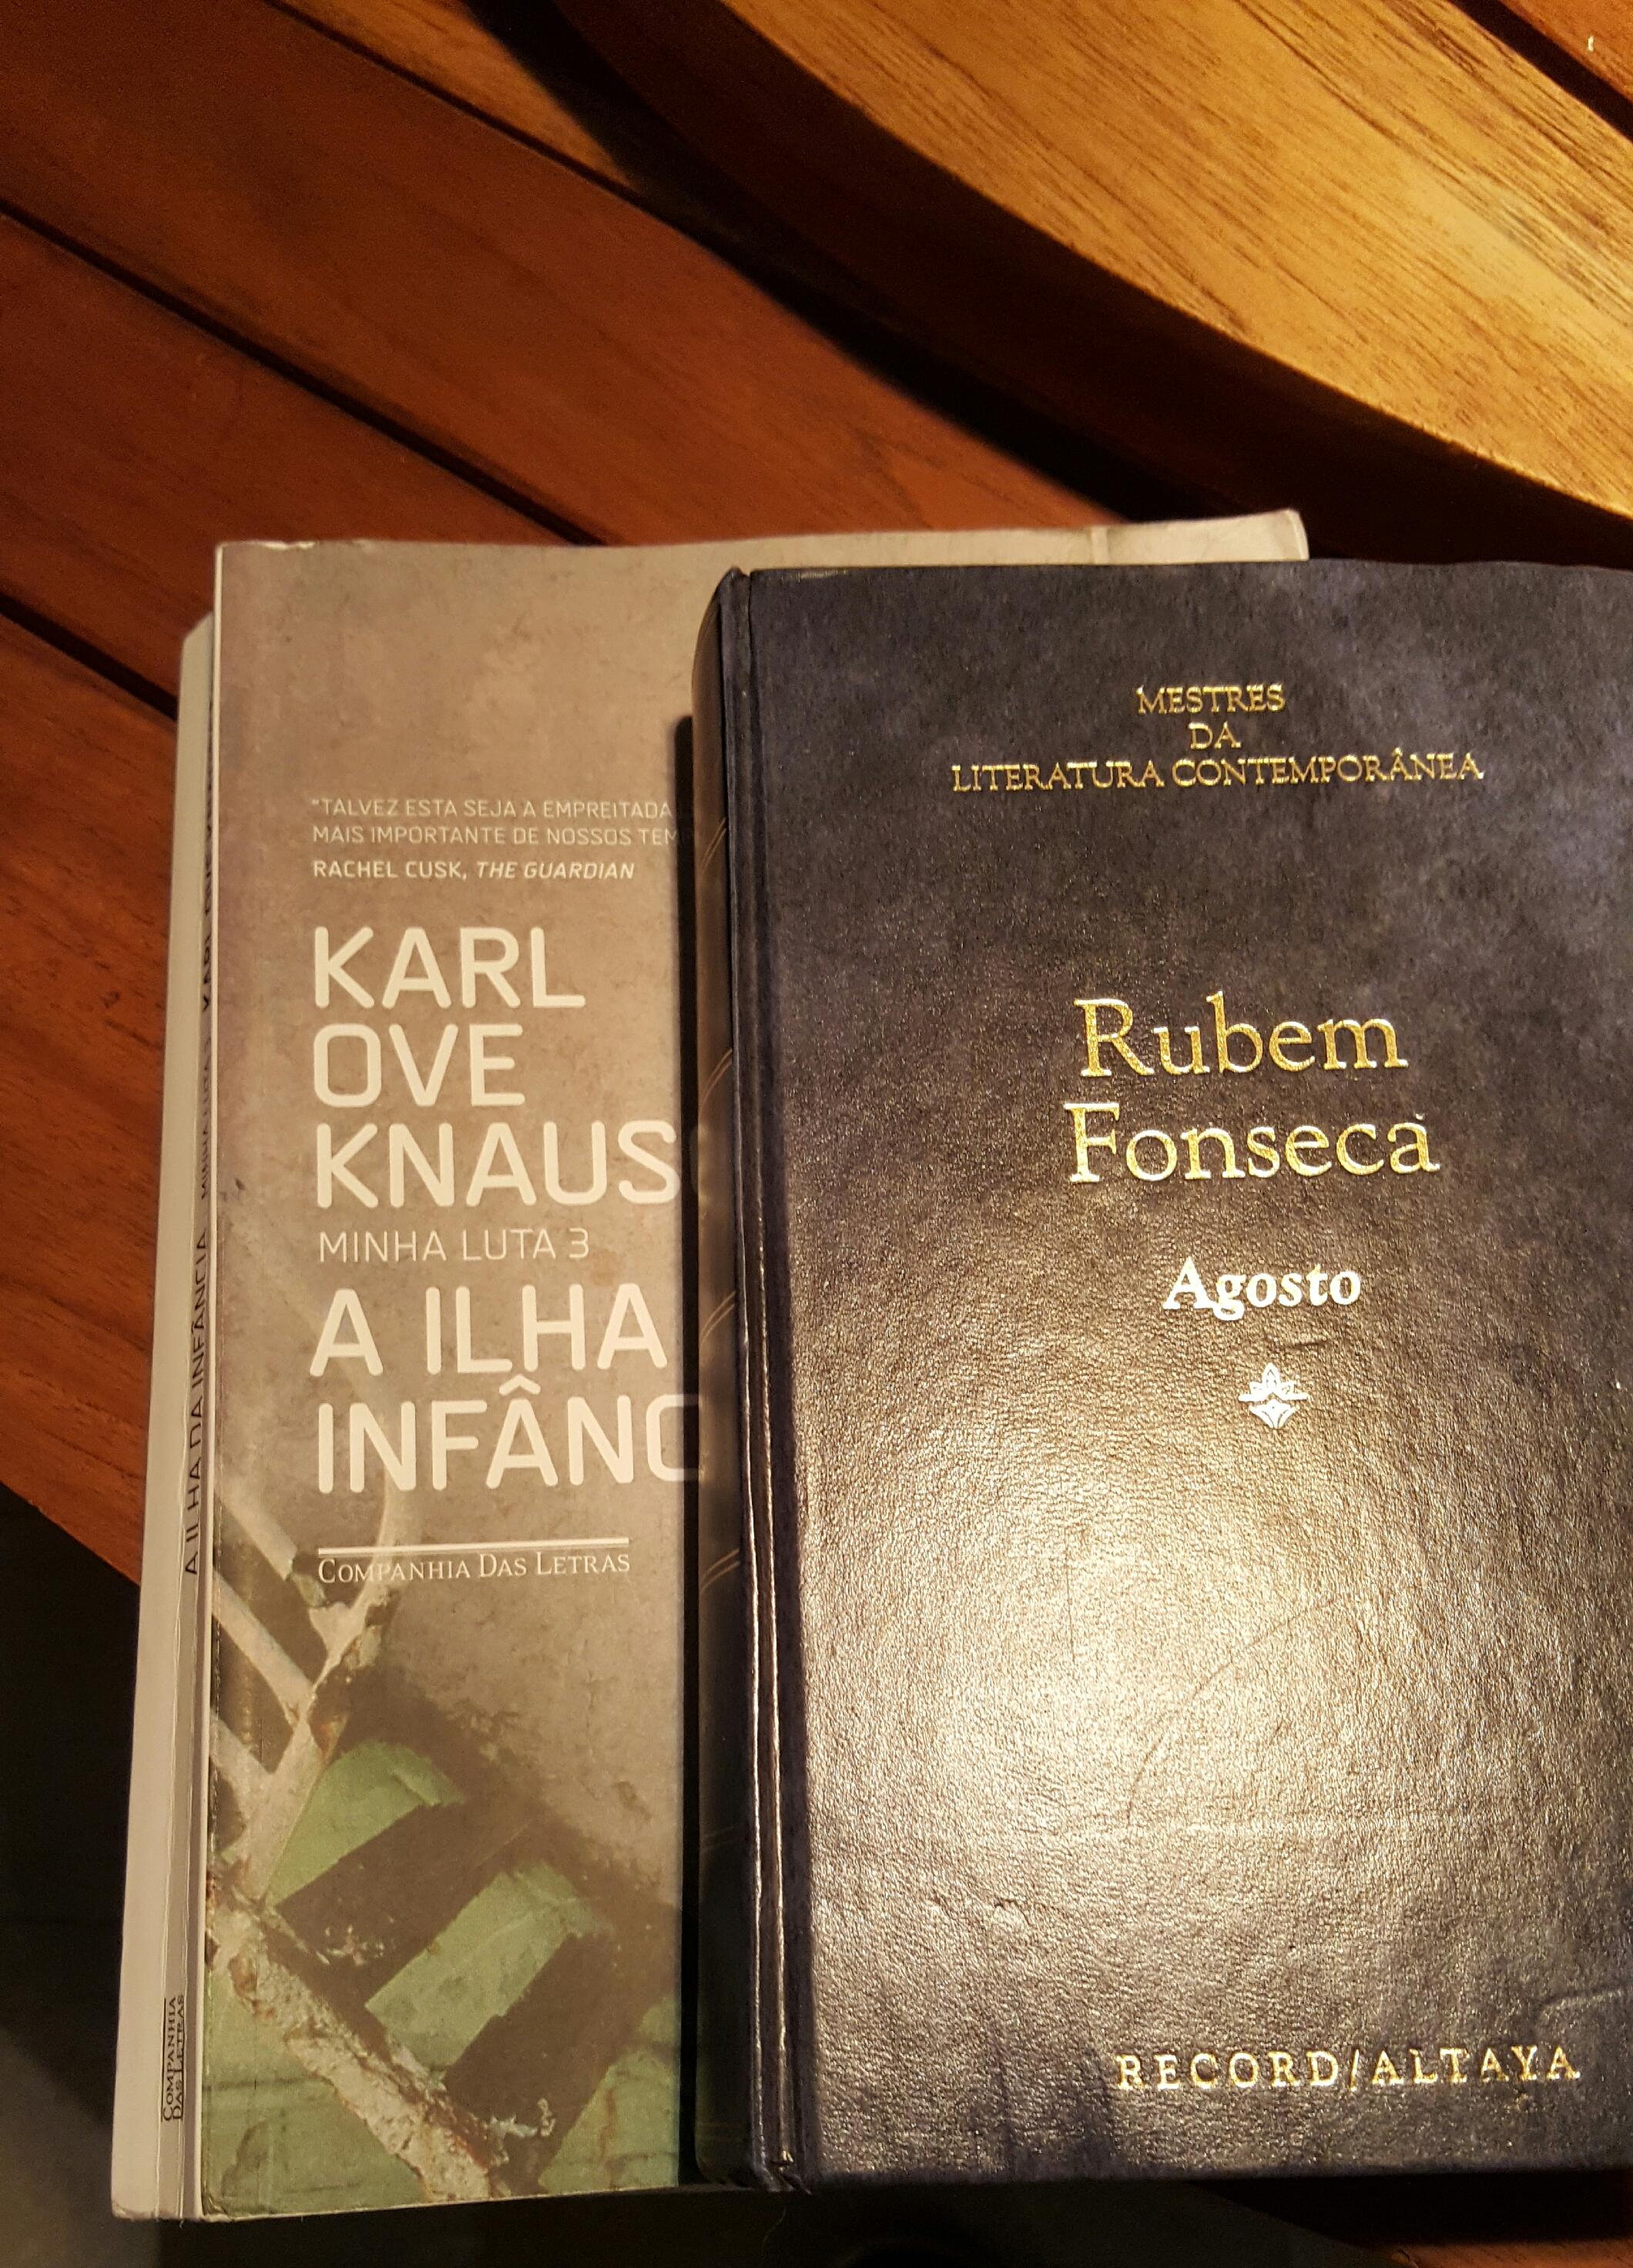 Rubem Fonseca, Knausgard